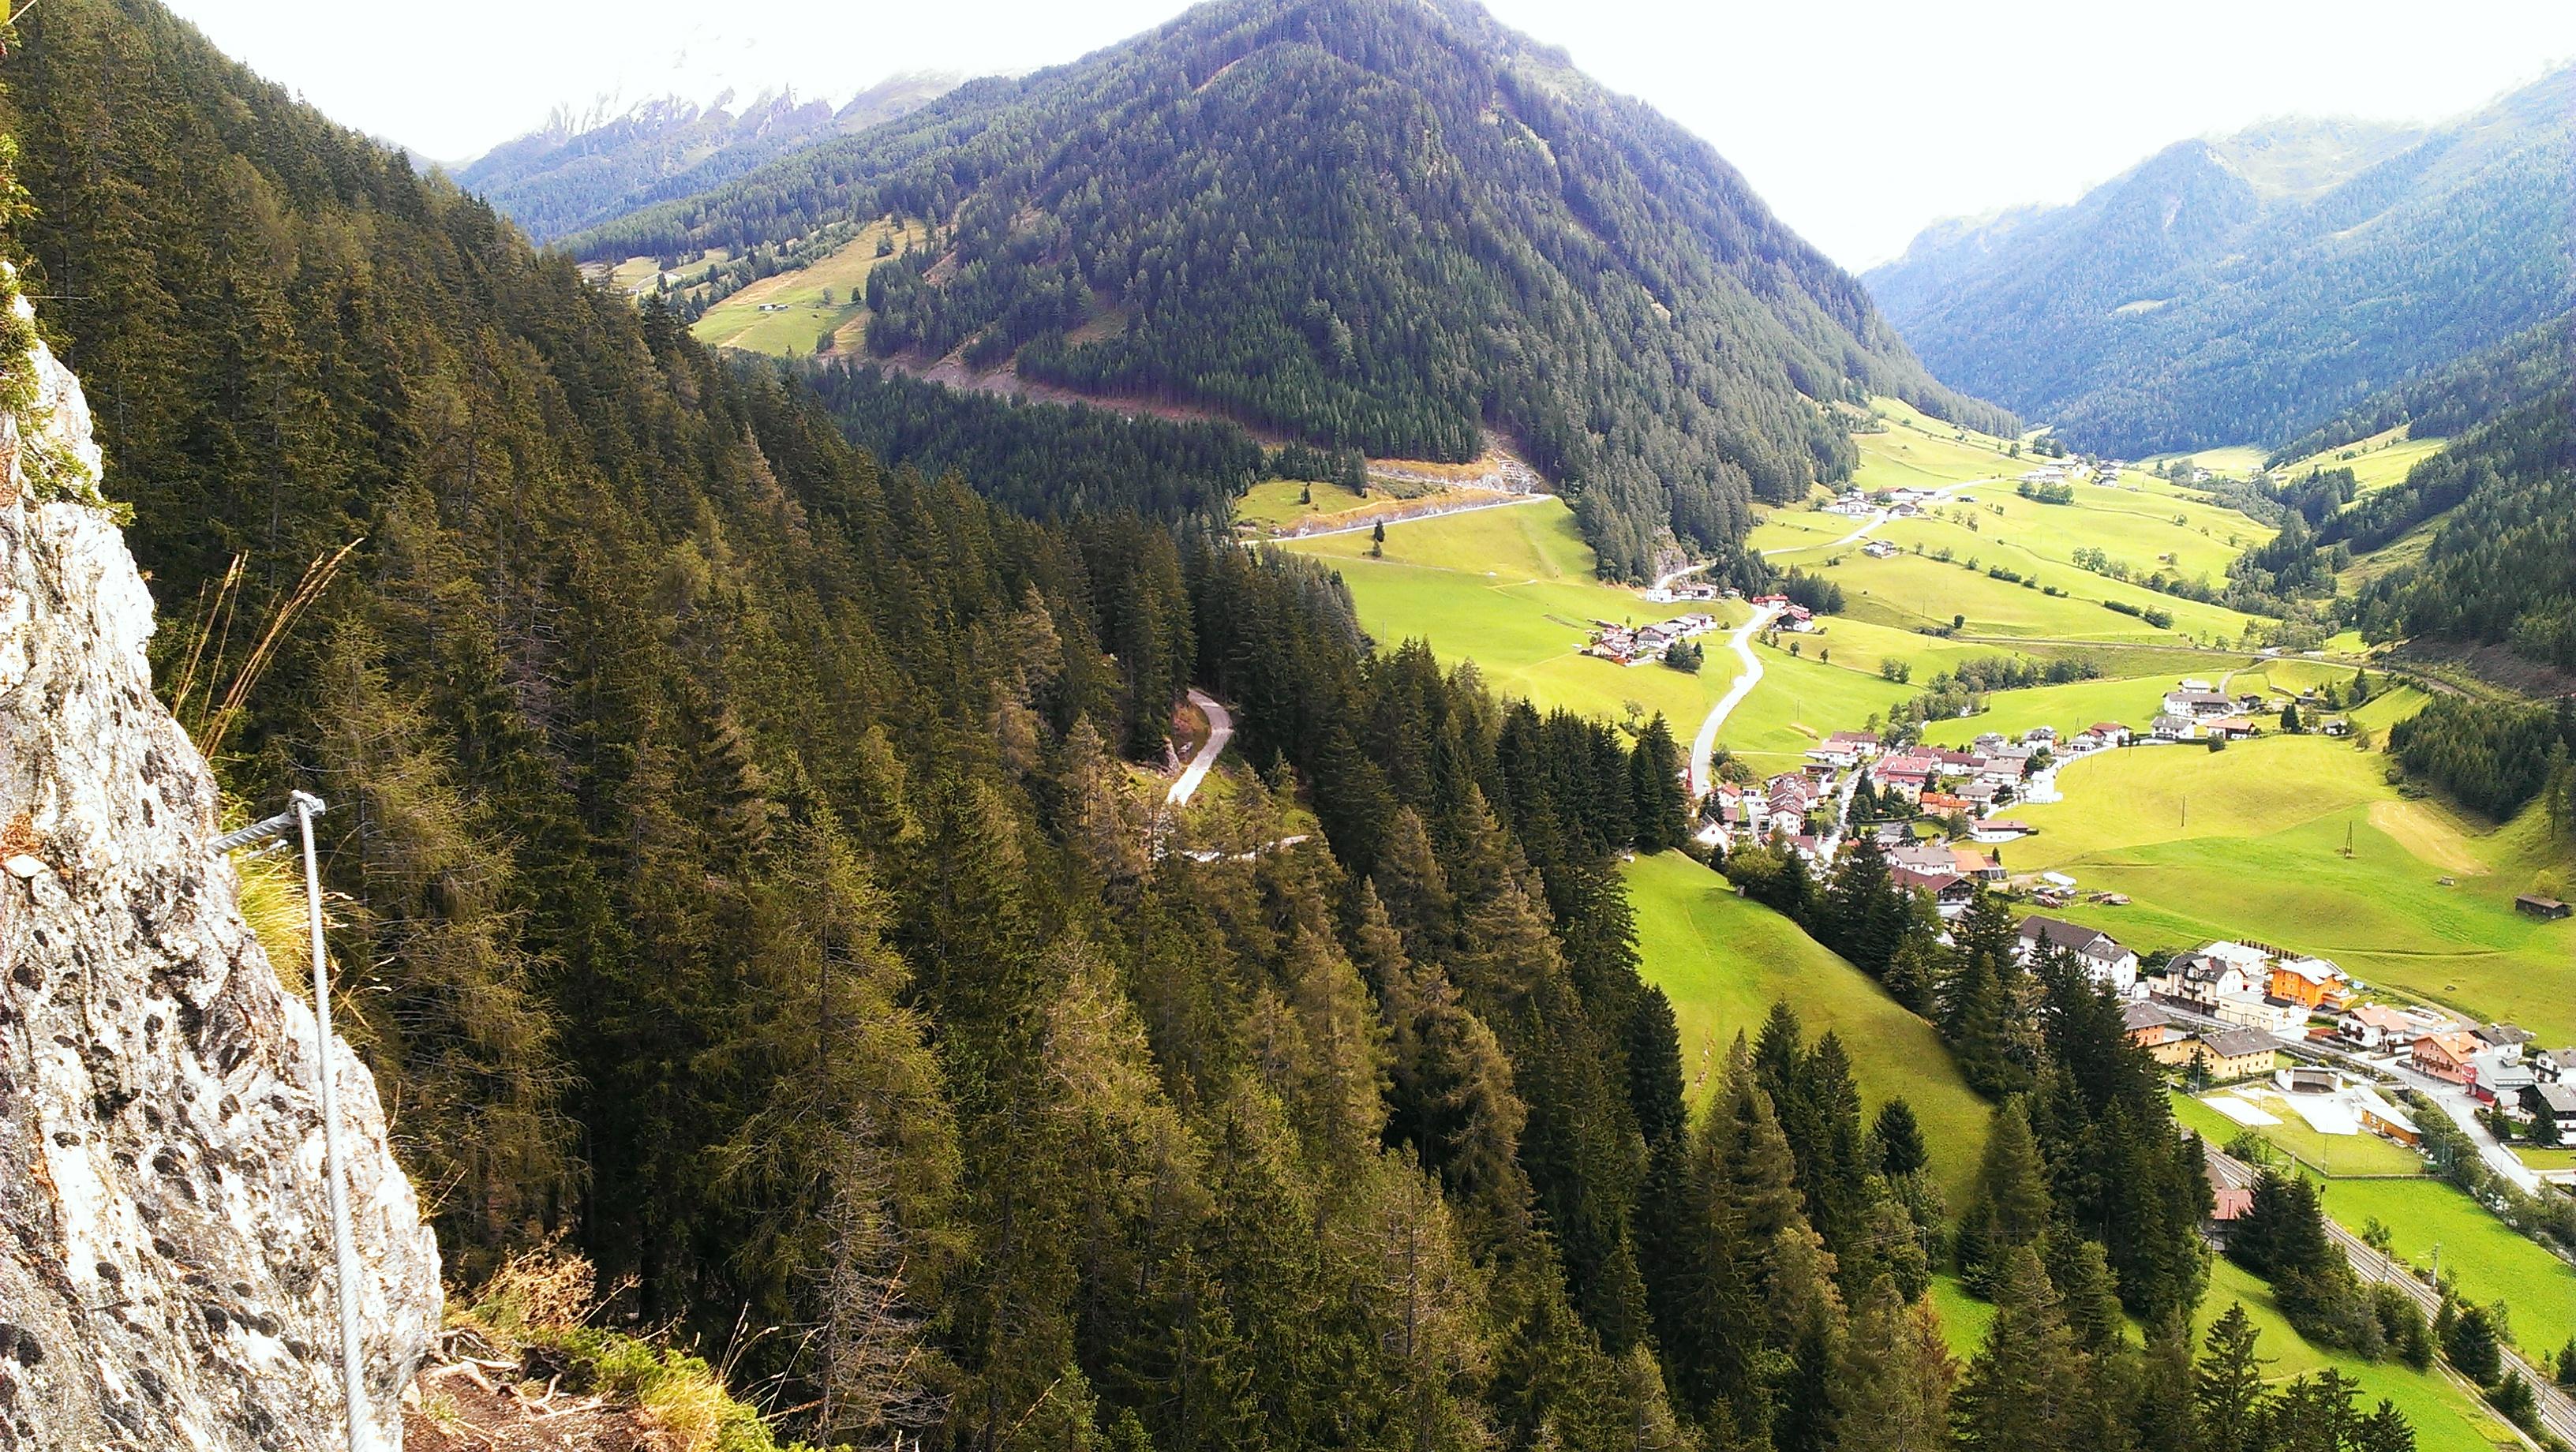 St Jodok Klettersteig : Camino para recorrer a pie vals klettersteig st jodok s